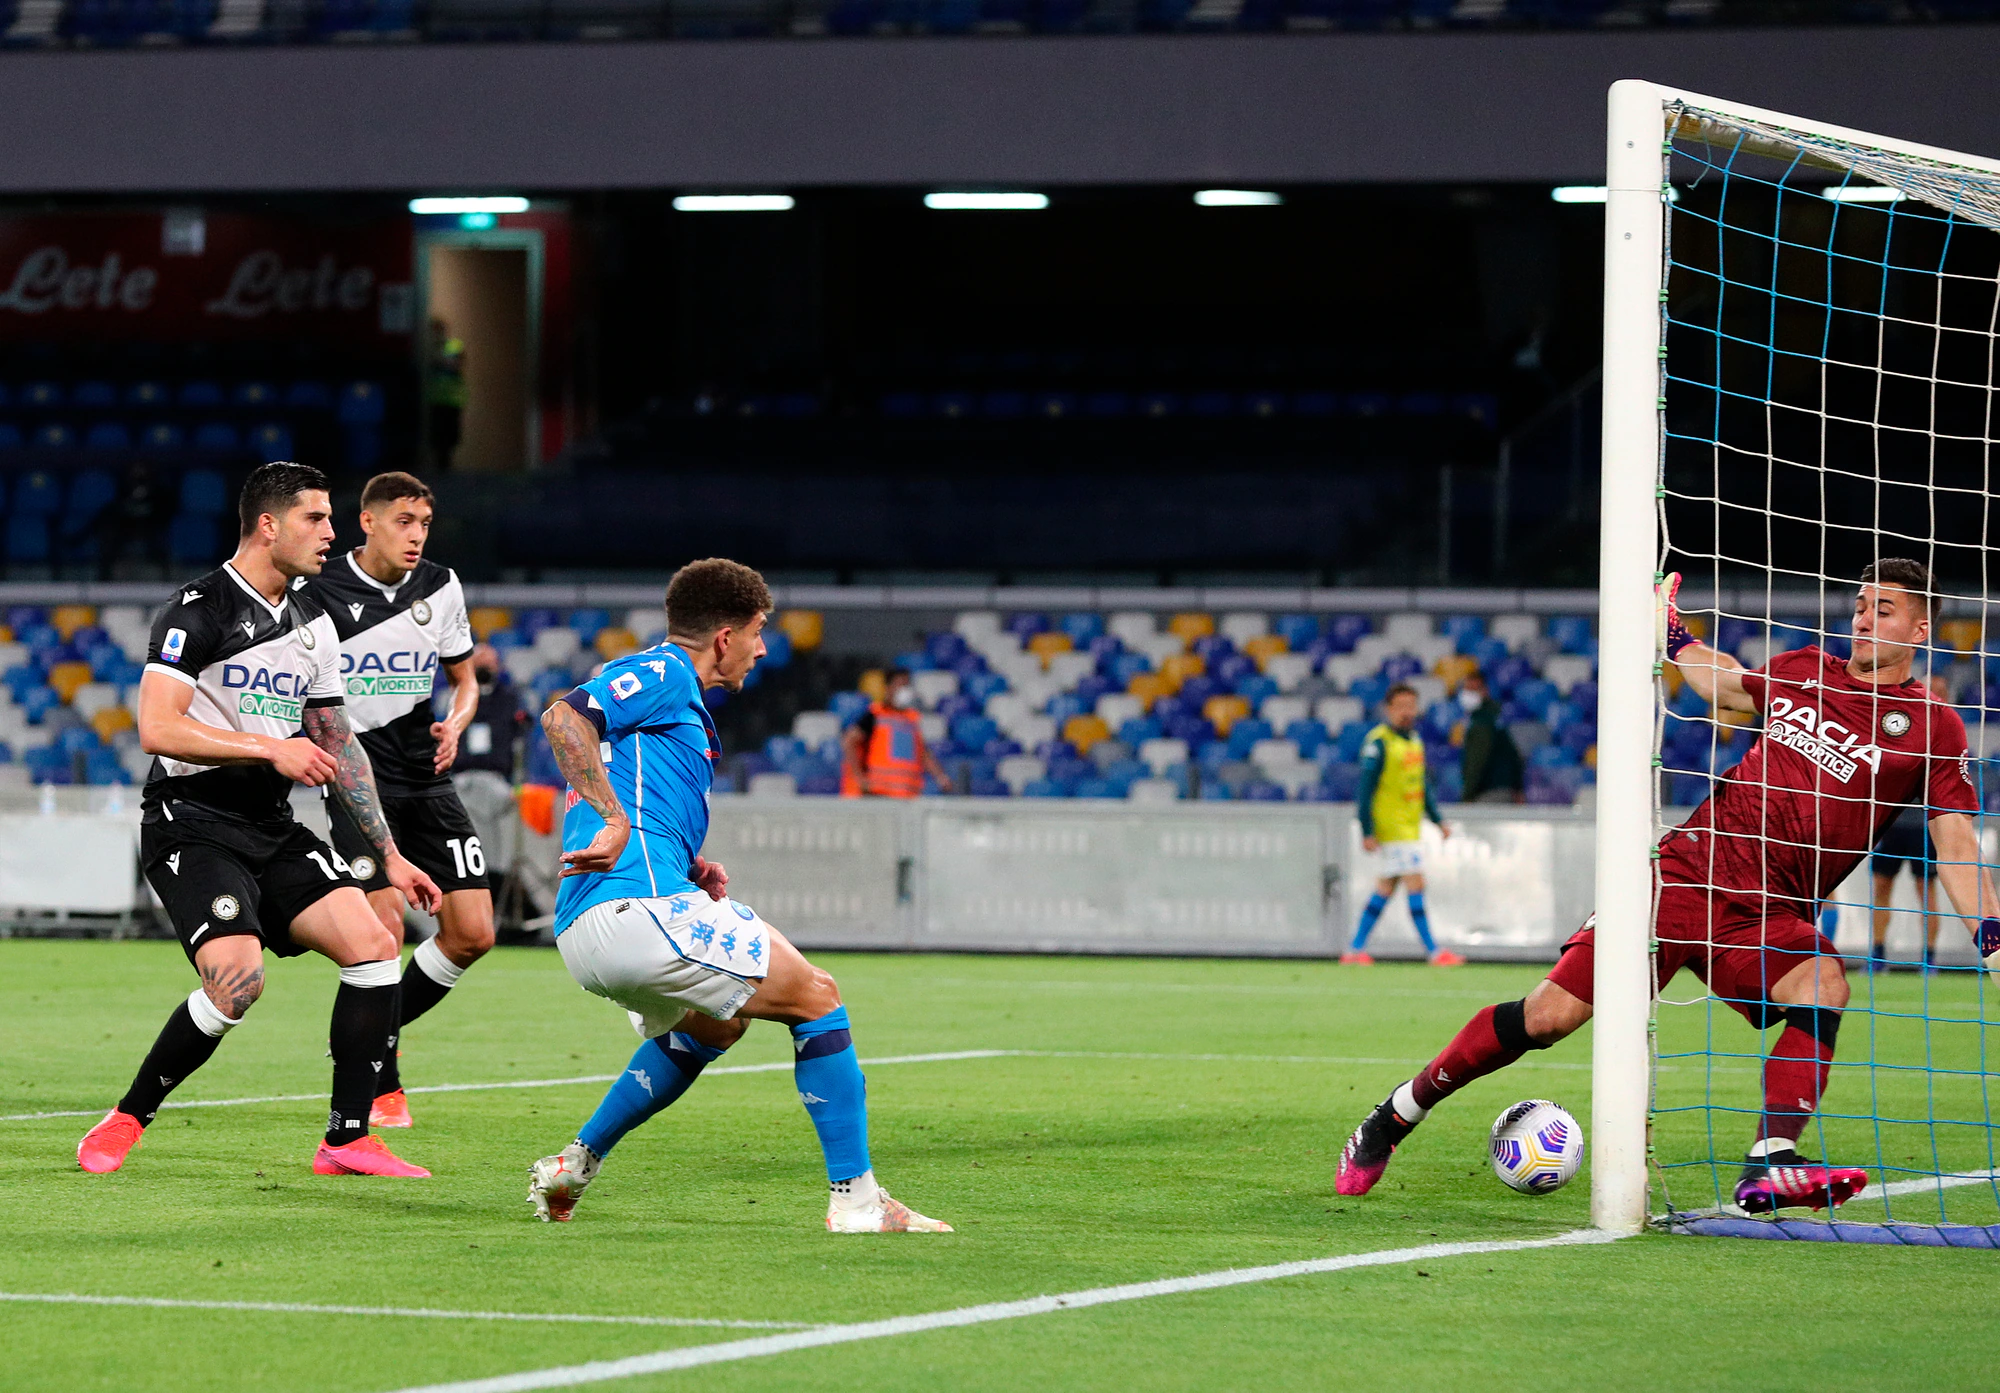 Udinese đã thất bại 1-5 trước Napoli ở lần gặp gần nhất